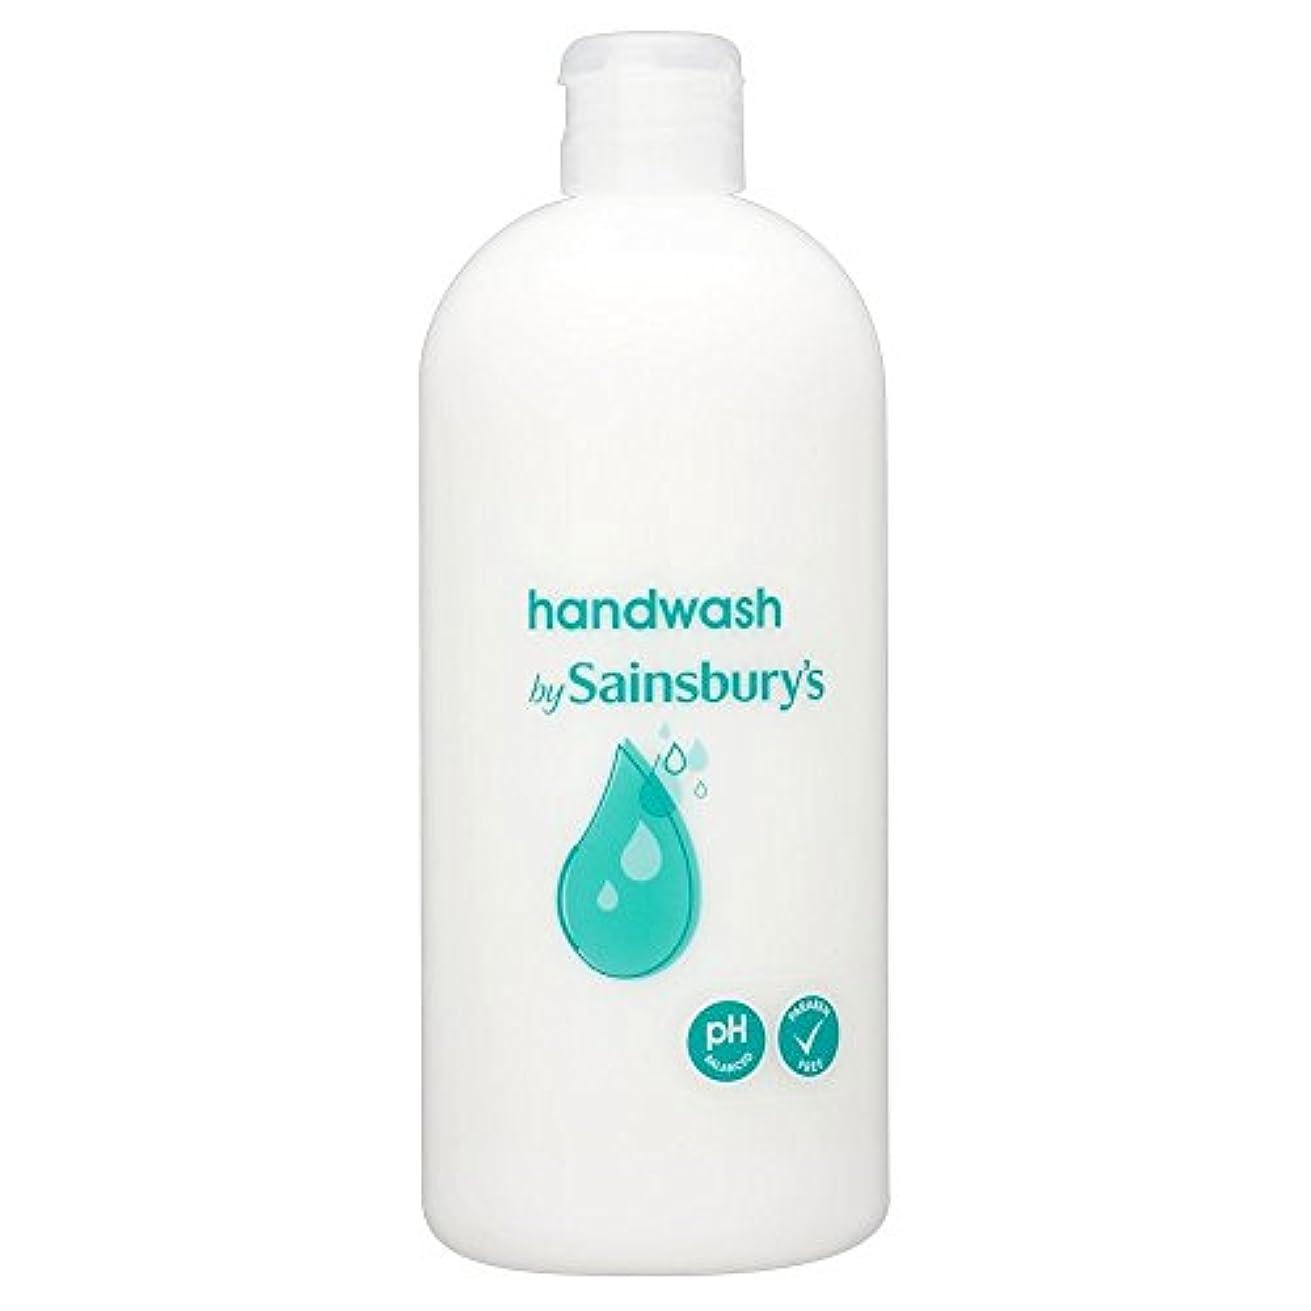 残りコンプリート職業Sainsbury's Handwash, White Refill 500ml (Pack of 6) - (Sainsbury's) 手洗い、白リフィル500ミリリットル (x6) [並行輸入品]